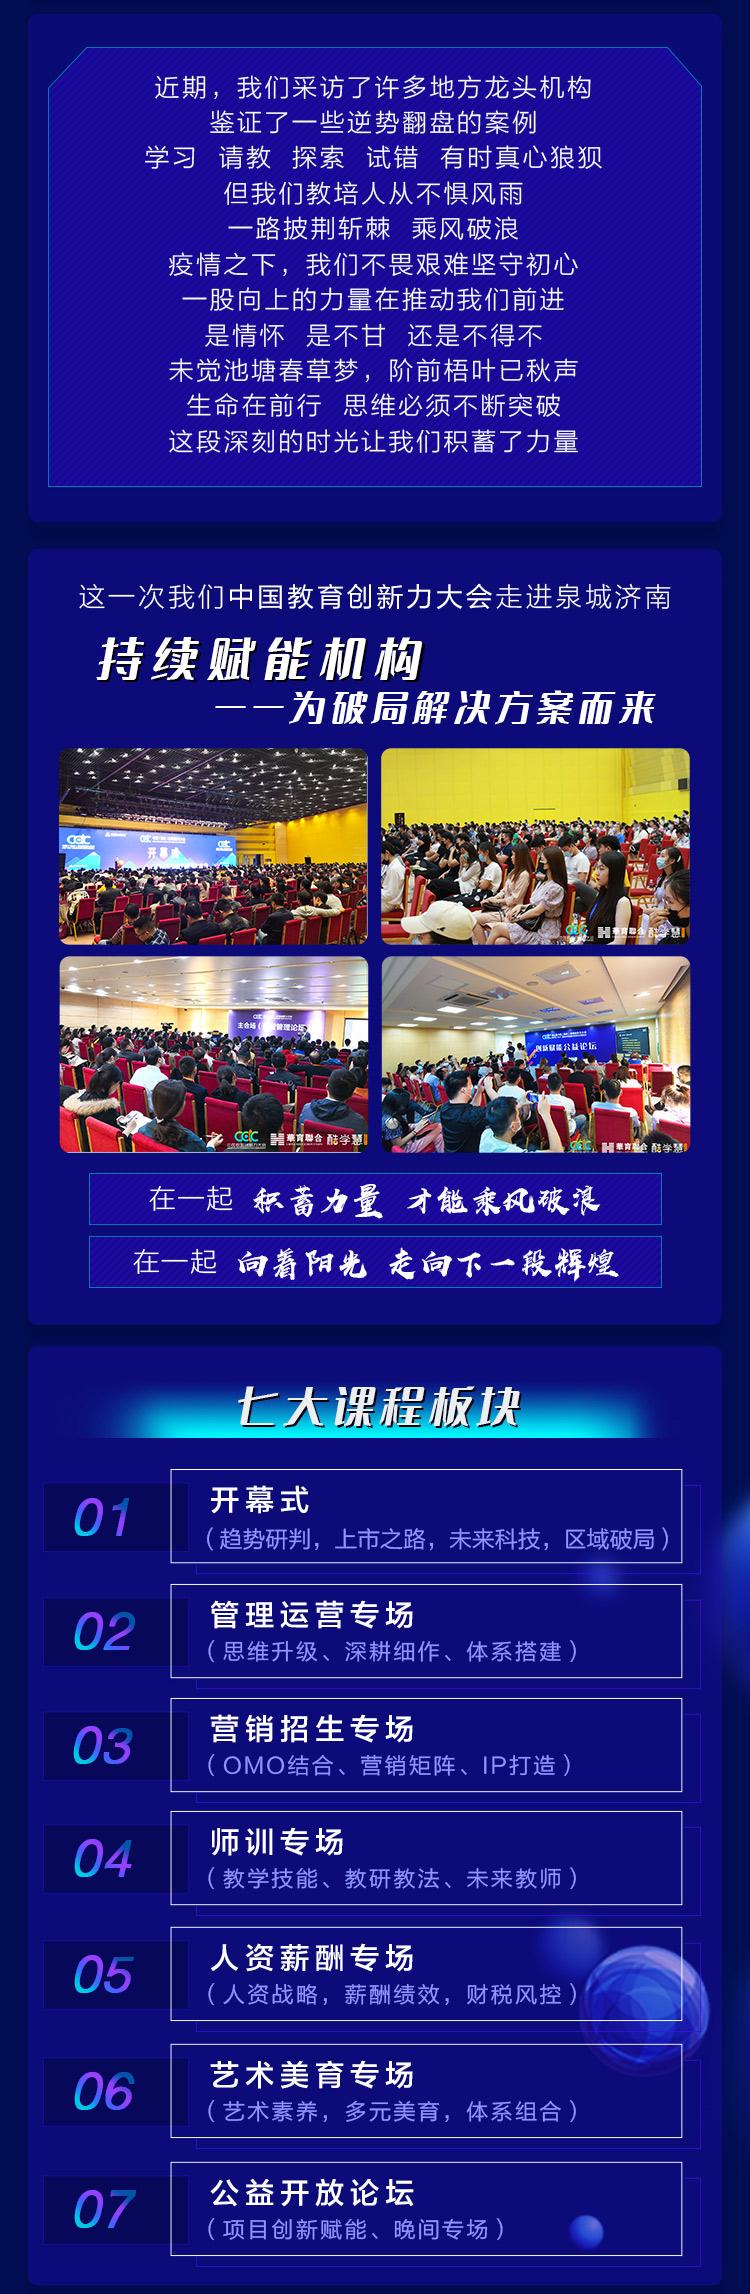 2020中国郑州教育创新力大会